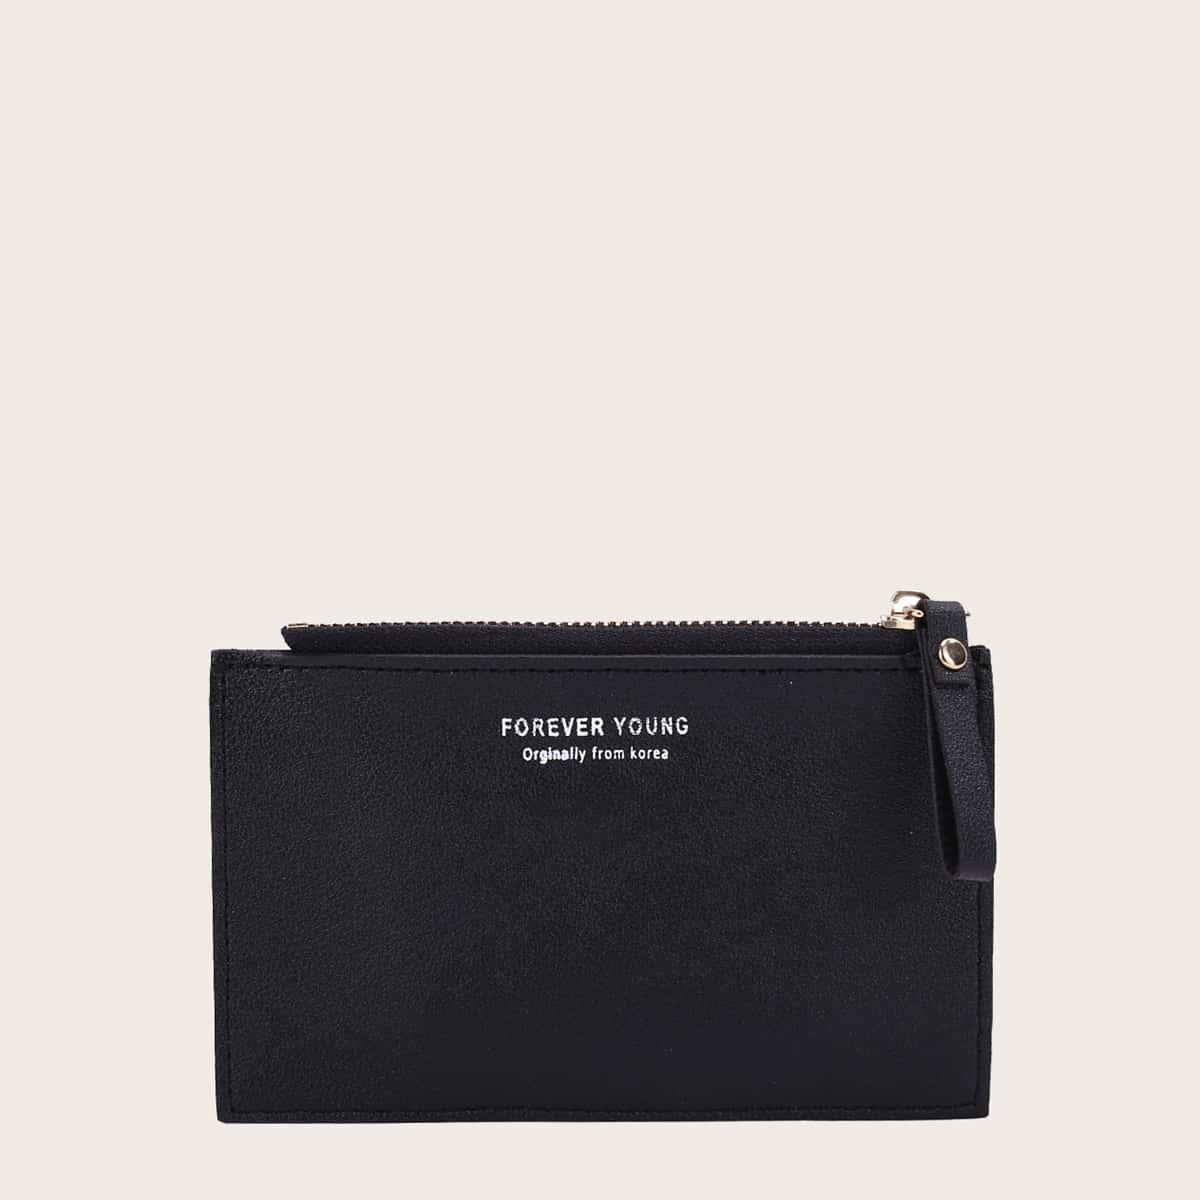 Mädchen kurze Geldtasche mit Buchstaben Grafik